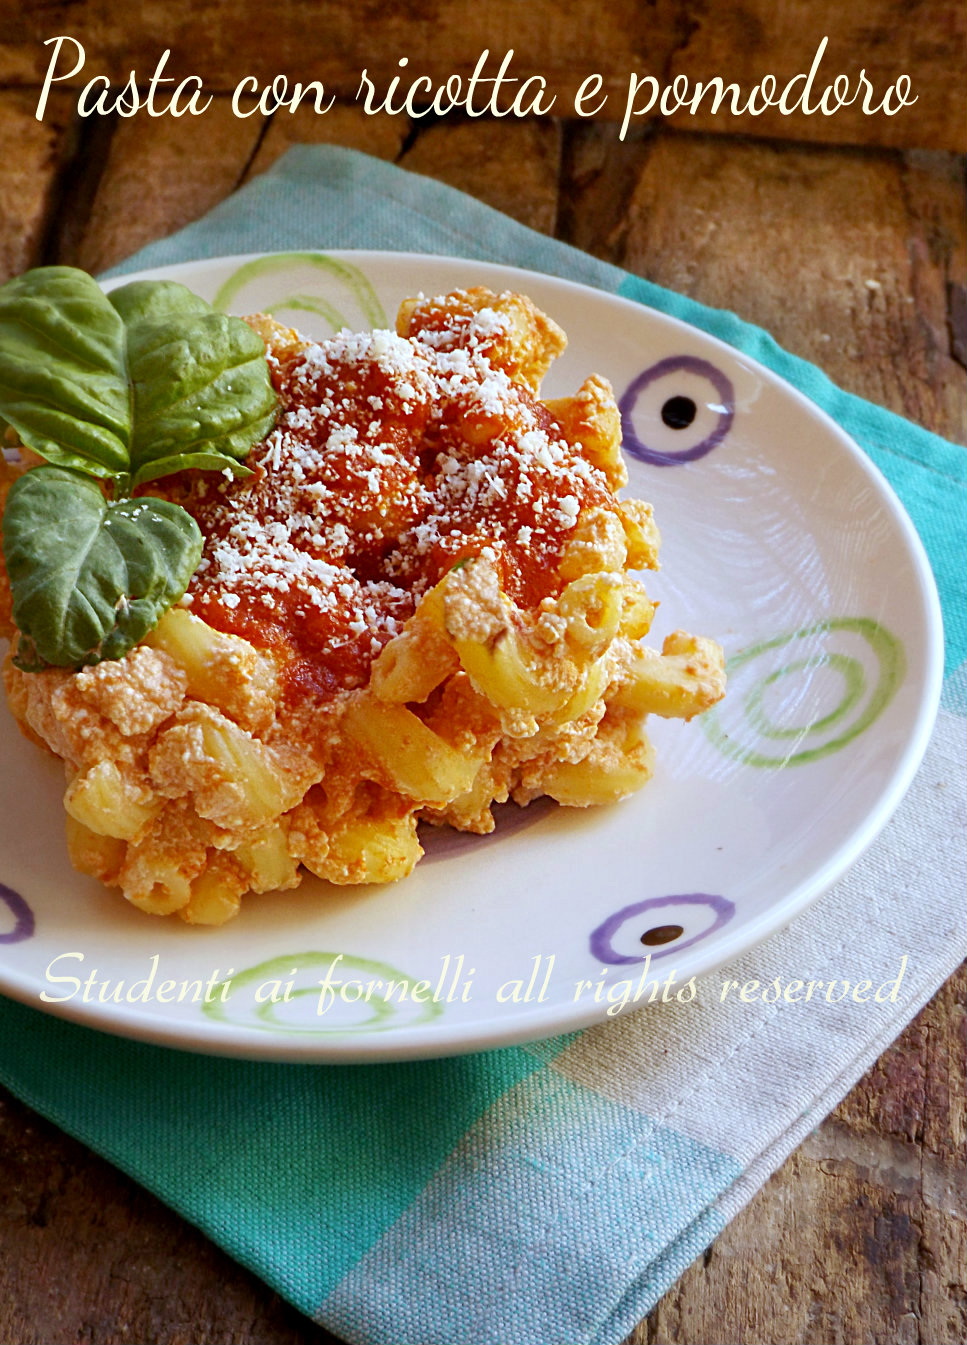 pasta con ricotta e pomodoro ricetta primo gustoso e veloce